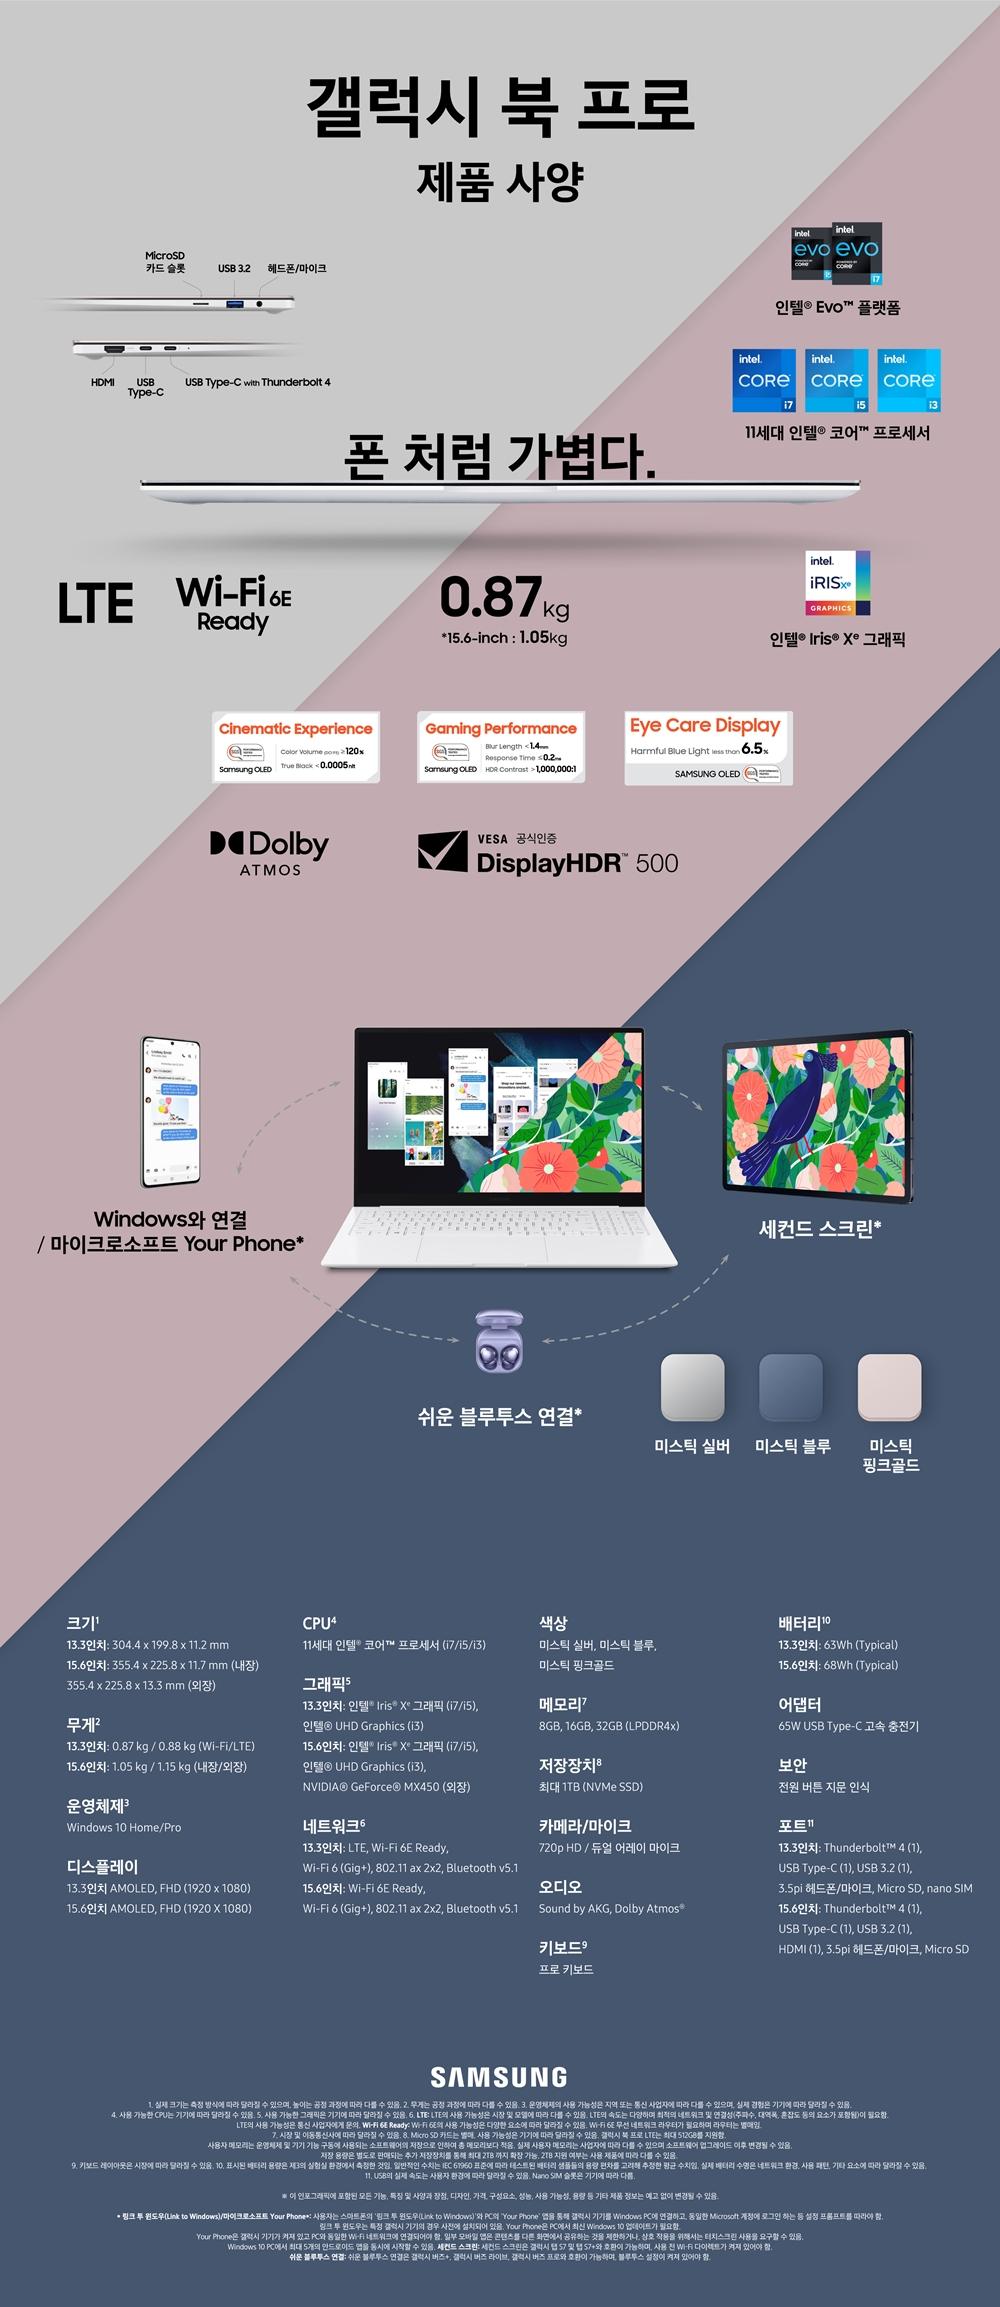 갤럭시 북 프로 제품 사양 MicroSD 카드 슬롯 USB 3.2 헤드폰/마이크 HDMI, USB Type-C, USB Type-C with Thunderbolt 4 인텔 Evo 플랫폼 11세대 인텔 코어 프로세서  폰 처럼 가볍다.  LTE Wi-Fi 6E Ready 0.87kg *15.6 인텔 Iris X 그래픽  Cinematic Experience Samsung OLED Color Volune(DCI P3) >= 120% True Black < 0.0005nit  Gaming Performance Samsung OLED Blure Length < 1.4mm Response Time =< 0.2ms HDR Contrast > 1,000,000:1  Eye Care Display Harmful Blue Light less than 6.5% Samsung OLED  Dolby ATMOS VESA 공식인증 DisplayHDR 500  Windows와 연결 마이크로소프트 Your Phone* 쉬운 블루투스 연결* 세컨드 스크린*  미스틱 실버 / 미스틱 블루 / 미스틱 핑크골드  크기(실제 크기는 측정 방식에 따라 달라질 수 있으며, 높이는 공정 과정에 따라 다를 수 있음.) 13.3인치: 304.4 x 199.8 x 11.2mm 15.6인치: 355.4 x 225.8 x 11.7mm(내장)  355.4 x 225.8 x 13.3mm(외장)  무게(무게는 공정 과정에 따라 다를 수 있음.) 13.3인치: 0.87kg / 0.88kg (Wi-Fi/LTE) 15.6인치: 1.05kg / 1.15kg (내장/외장)  운영체제(운영체제의 사용 가능성은 지역 또는 통신 사업자에 따라 다를 수 있으며, 실제 경험은 기기에 따라 달라질 수 있음) Windows 10 Home/Pro  디스플레이  13.3인치 AMOLED, FHD (1,920 x 1,080) 15.6인치 AMOLED, FHD (1,920 x 1,080)  CPU(사용 가능한 CPU는 기기에 따라 달라질 수 있음) 11세대 인텔® 코어™ 프로세서(i7/i5/i3)  그래픽(사용 가능한 그래픽은 기기에 따라 달라질 수 있음) 13.3인치: 인텔® Iris® Xe 그래픽(i7, i5) 인텔® UHD Graphics (i3) 15.6인치: 인텔® Iris® Xe 그래픽(i7, i5) 인텔® UHD Graphics (i3) NVIDIA® GeForce® MX450  네트워크 (LTE: LTE의 사용 가능성은 시장 및 모델에 따라 다를 수 있음. LTE의 속도는 다양하며 최적의 네트워크 및 연결성(주파수, 대역폭, 혼잡도 등의 요소가 포함됨)이 필요함. LTE의 사용 가능성은 통신 사업자에게 문의. Wi-Fi 6E Ready: Wi-Fi 6E의 사용 가능성은 다양한 요소에 따라 달라질 수 있음. Wi-Fi 6E 무선 네트워크 라우터가 필요하며 라우터는 별매임) 13.3인치: LTE, Wi-Fi 6E Ready, Wi-Fi 6(Gig+), 802.11 ax 2x2, Bluetooth v5.1 15.6인치: Wi-Fi 6E Ready, Wi-Fi 6(Gig+), 802.11 ax 2x2, Bluetooth v5.1 색상 미스틱 실버, 미스틱 블루, 미스틱 핑크골드 메모리(시장 및 이동통신사에 따라 달라질 수 있음) 8GB, 16GB, 32GB (LPDDR4x)  저장장치(Micro SD카드는 별매. 사용 가능성은 기기에 따라 달라질 수 있음. 갤럭시 북 프로 LTE는 최대 512GB를 지원함) 최대 1TB(NVMe SSD)  카메라/마이크 720p HD, 듀얼 배열 마이크  오디오  Sound by AKG, 돌비 애트모스(Dolby Atmos®)  키보드(키보드 레이아웃은 시장에 따라 달라질 수 있음) 프로 키보드  배터리(표시된 배터리 용량은 제 3의 실험실 환경에서 측저한 것임. 일반적인 수치는 IEC 61960 표준에 따라 테스트된 배터리 샘플들의 용량 편차를 고려해 추정한 평균 수치임. 실제 배터리 수명은 네트워크 환경, 사용 패턴, 기타 요소에 따라 달라질 수 있음) 